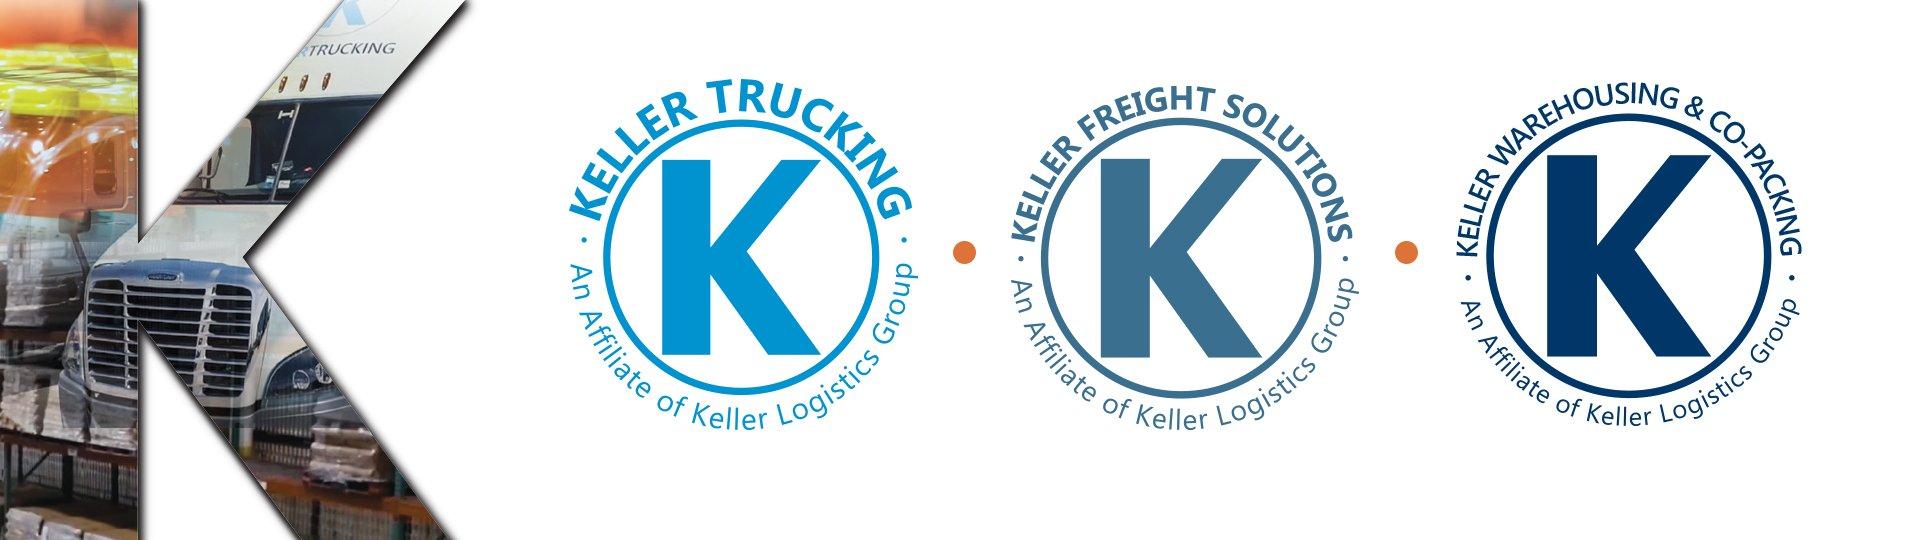 2020 Landing Page Header Image - Keller Logos 1920 x 540